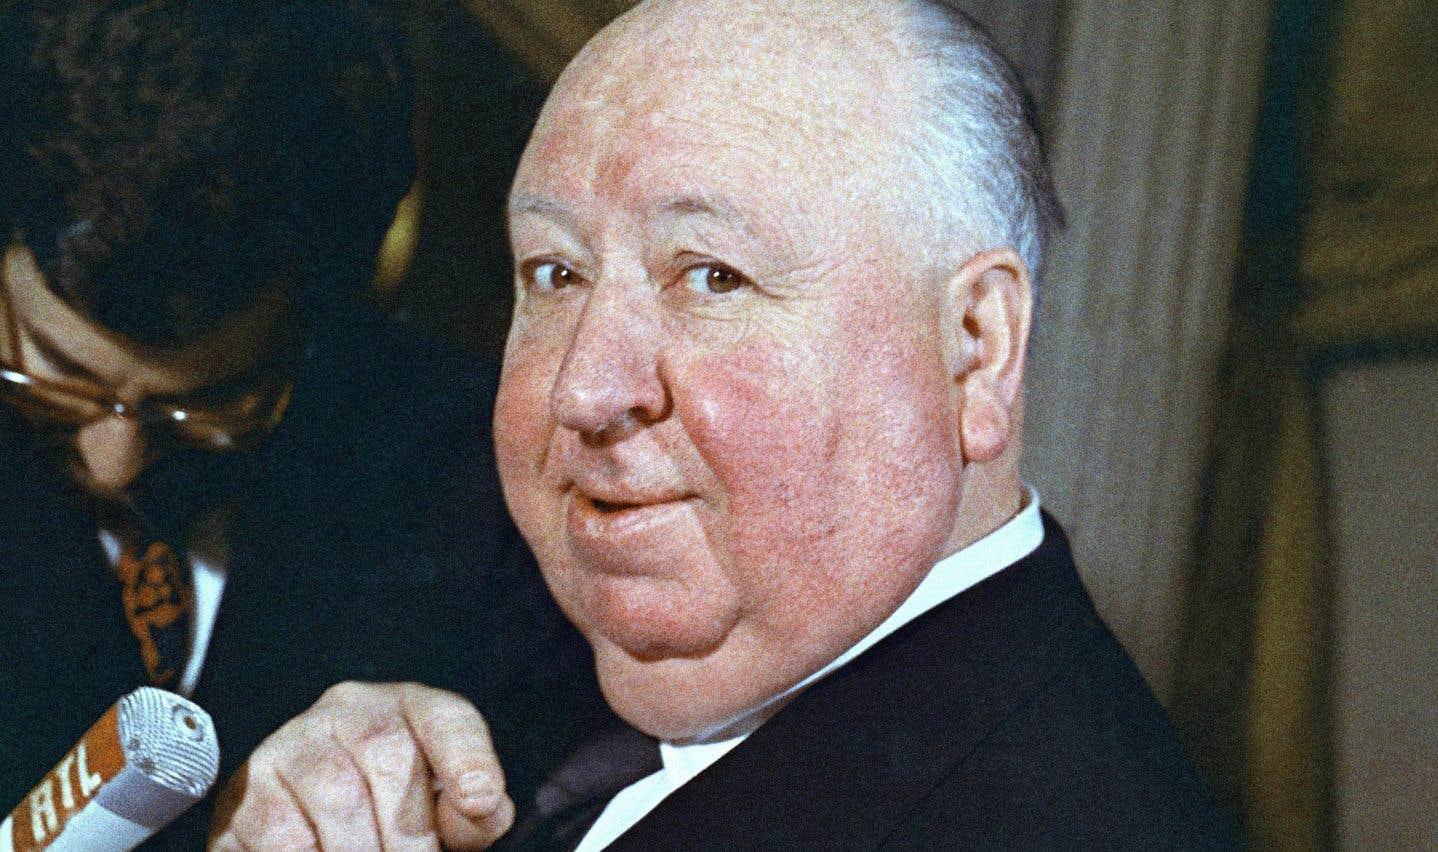 Près de 40 ans après sa mort, Alfred Hitchcock demeure un nom important dans le domaine du suspens, non seulement pour les réalisateurs, mais aussi pour les auteurs.